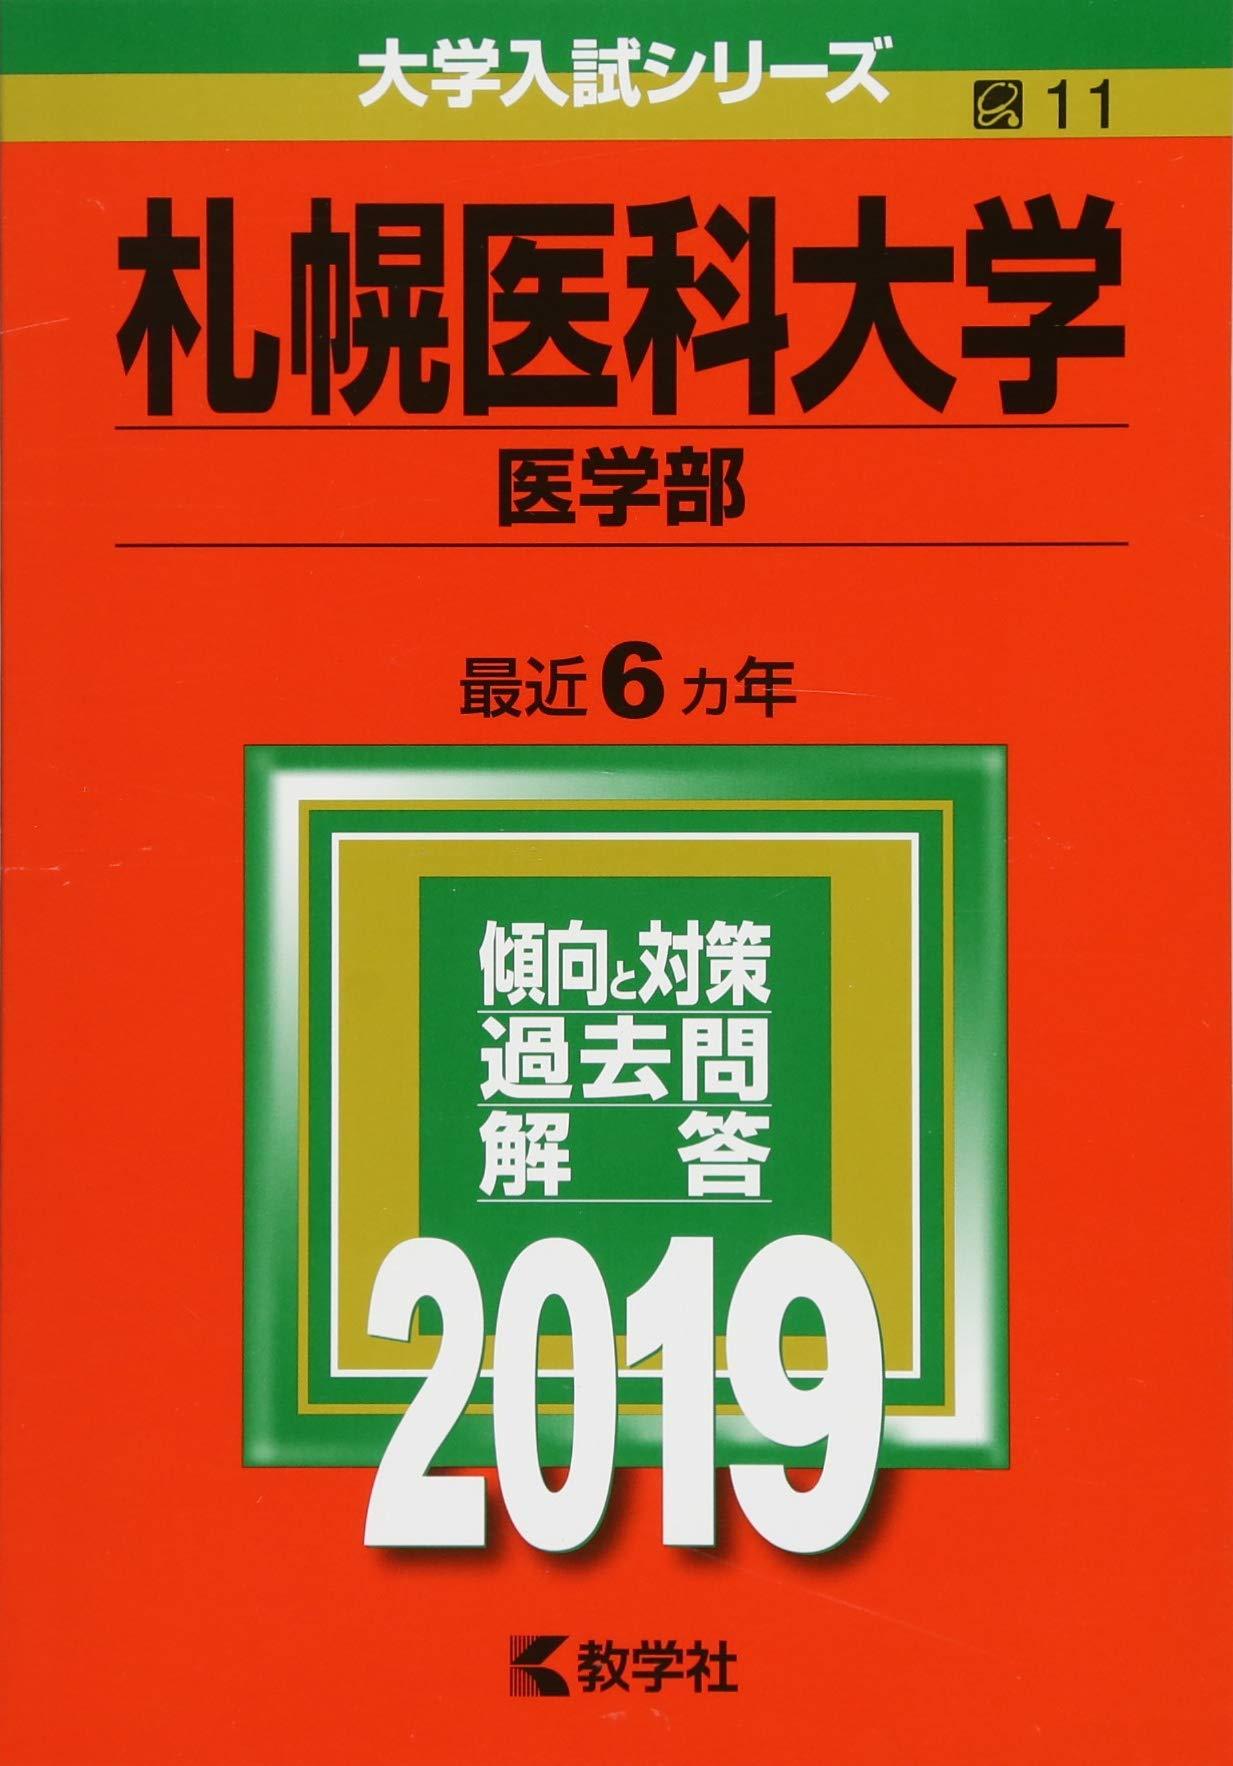 医学部 札幌 医科 大学